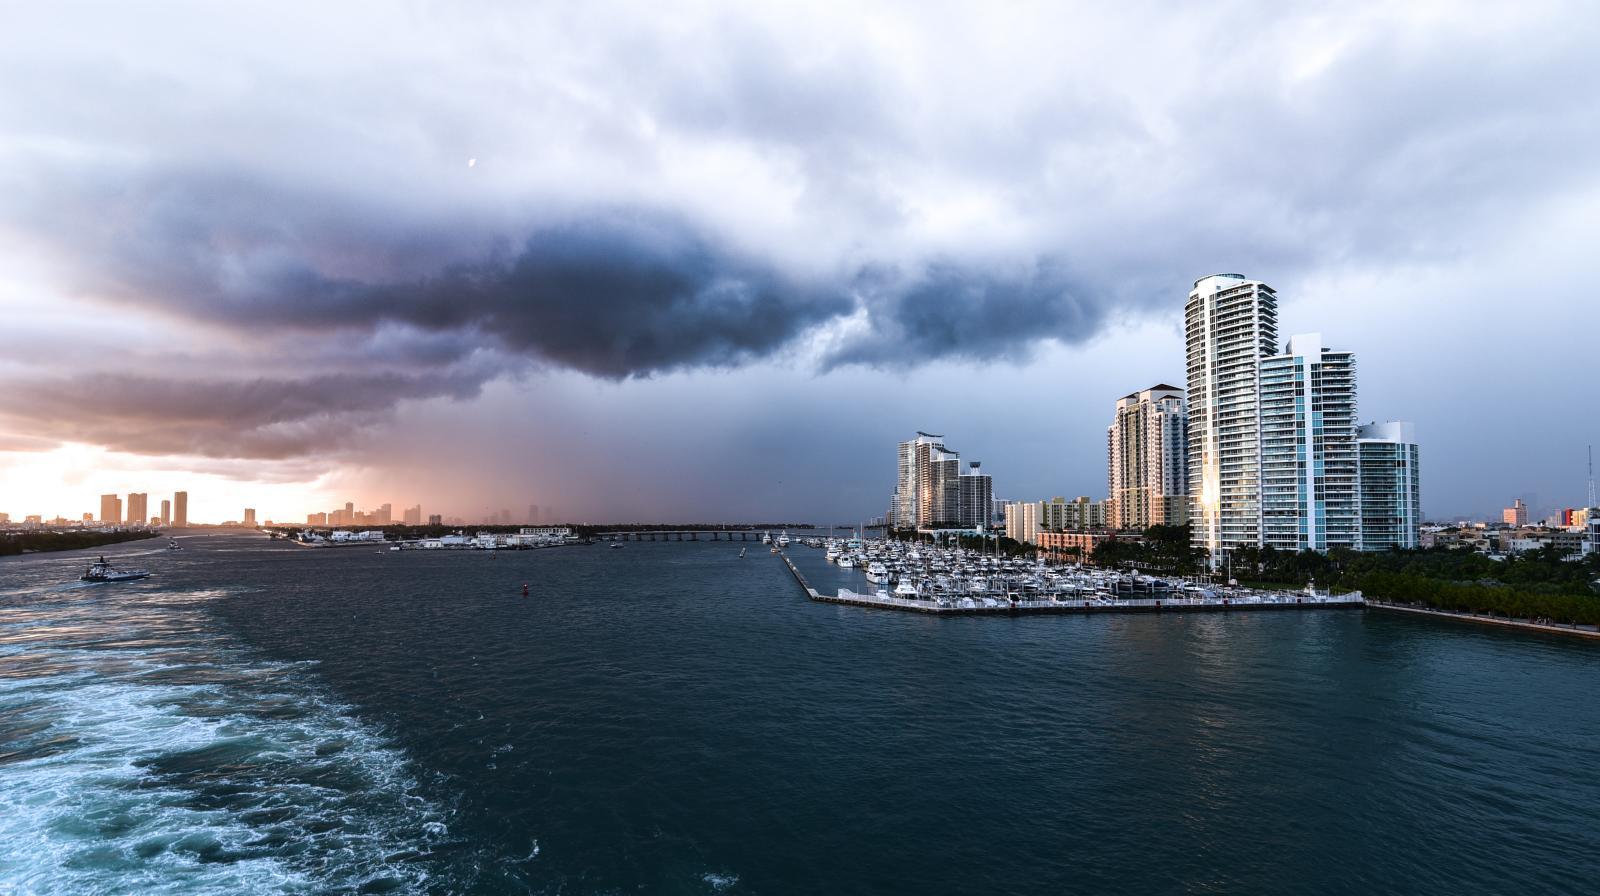 mejor epoca para viajar a miami: época de huracanes en Miami